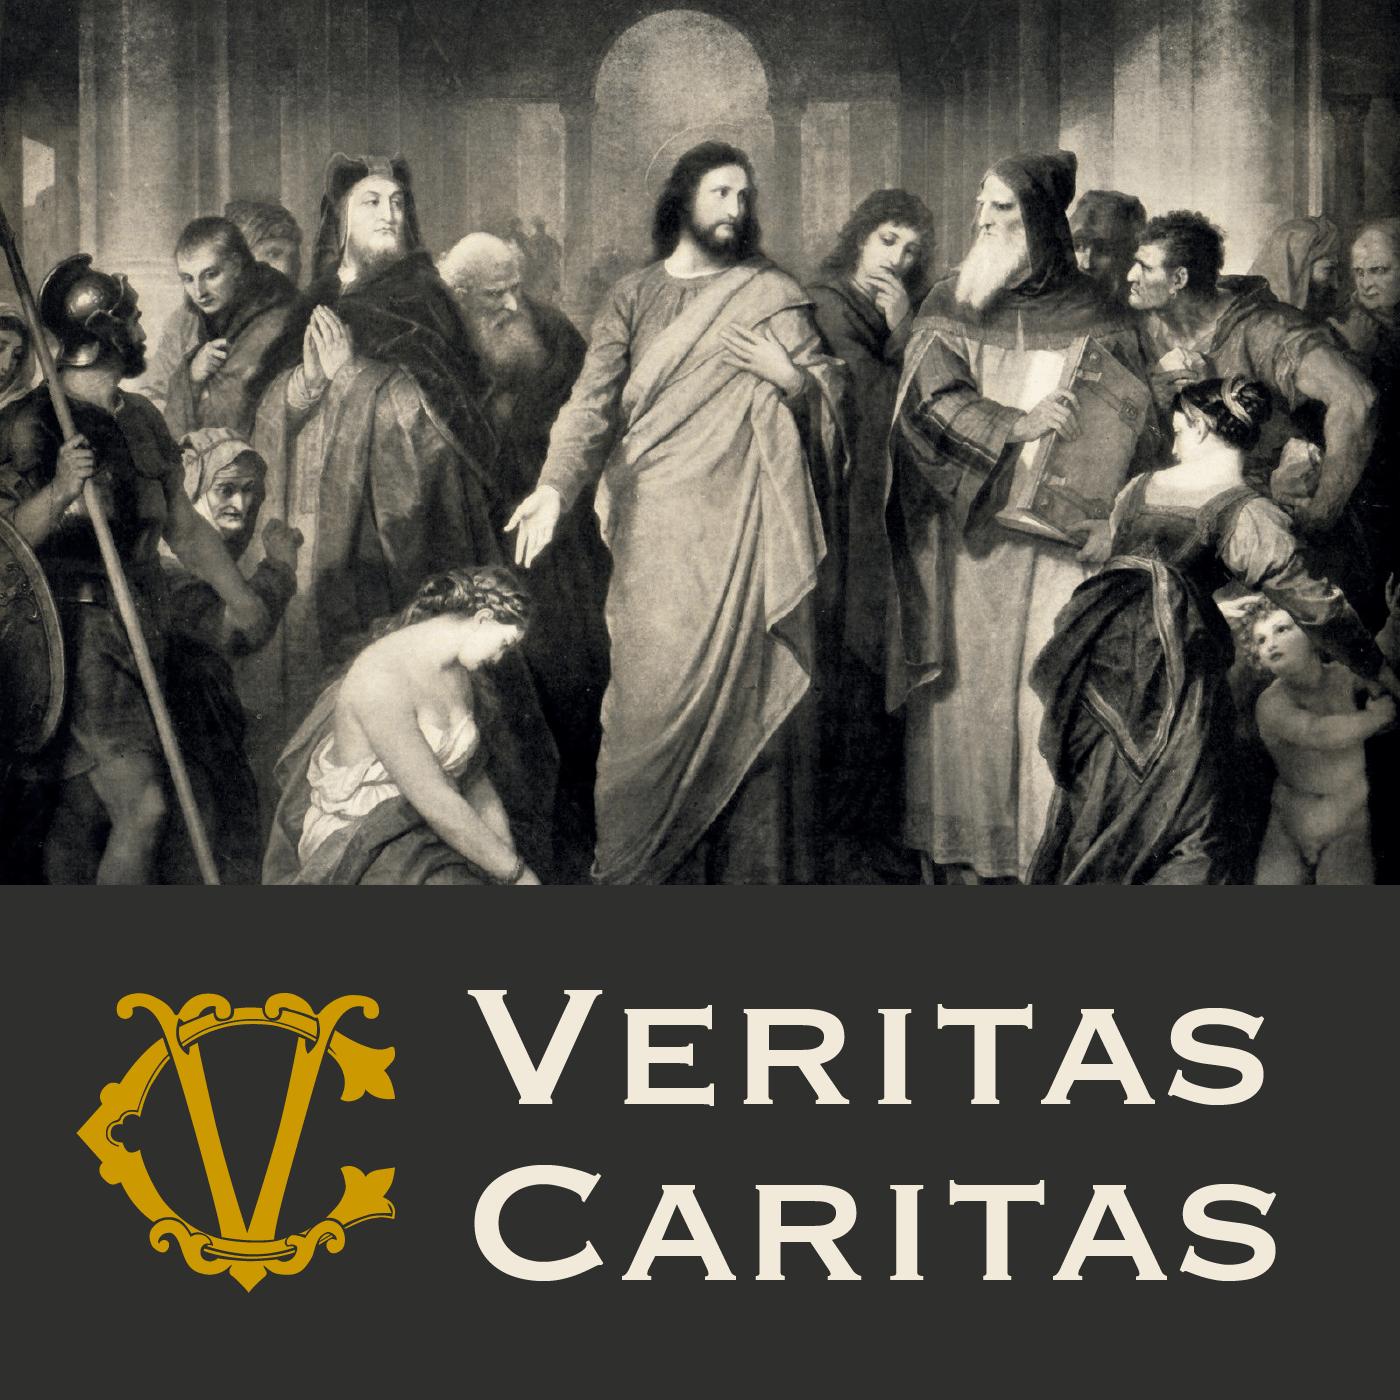 Veritas Caritas